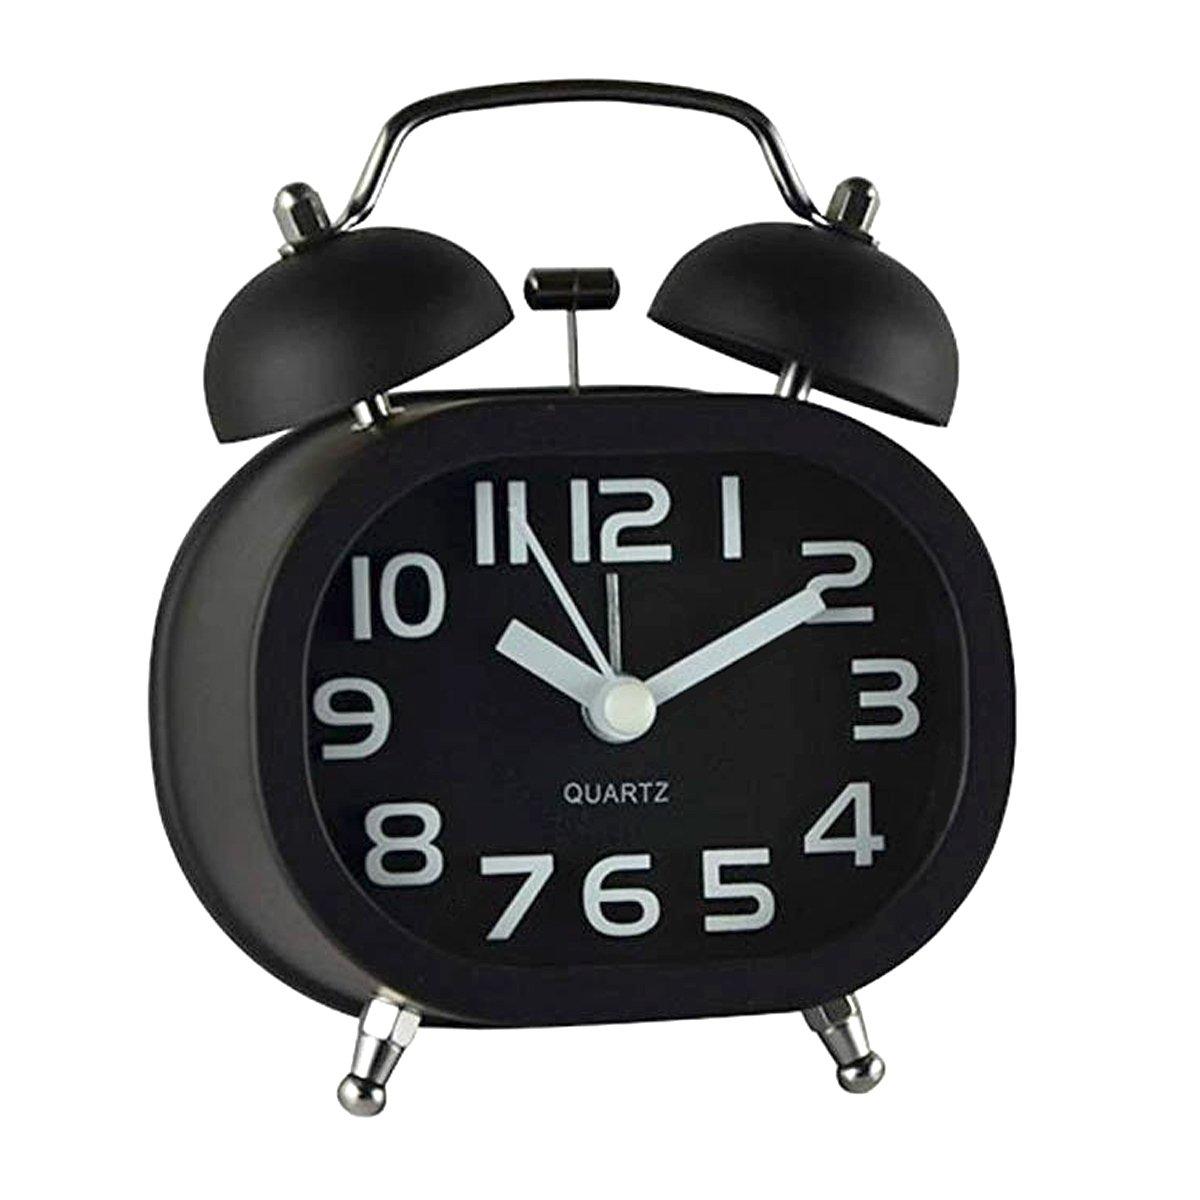 3pollici a doppia campana sveglia, cooja analogico al quarzo Sveglia Allarme sveglia a batteria campana sveglia con luce notturna, allarme forte senza ticchettio silenzioso B-1